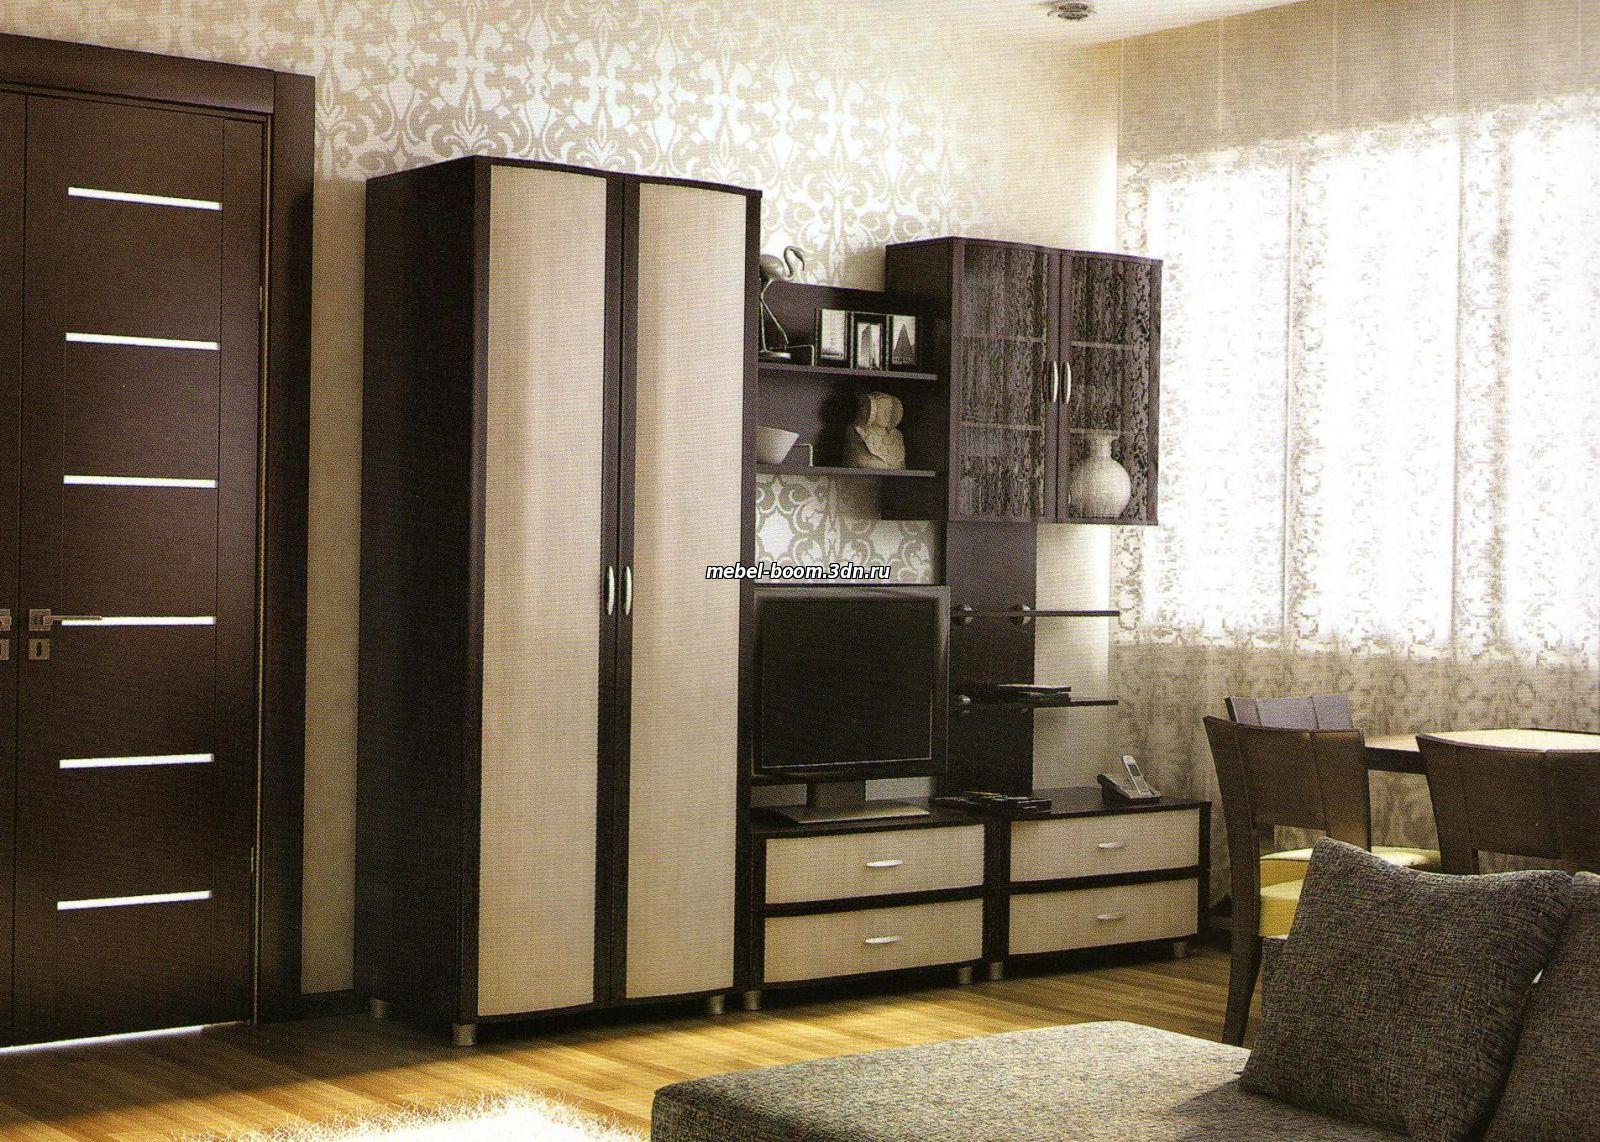 Глория - белорусская мебель - в продаже по выгодной цене гло.